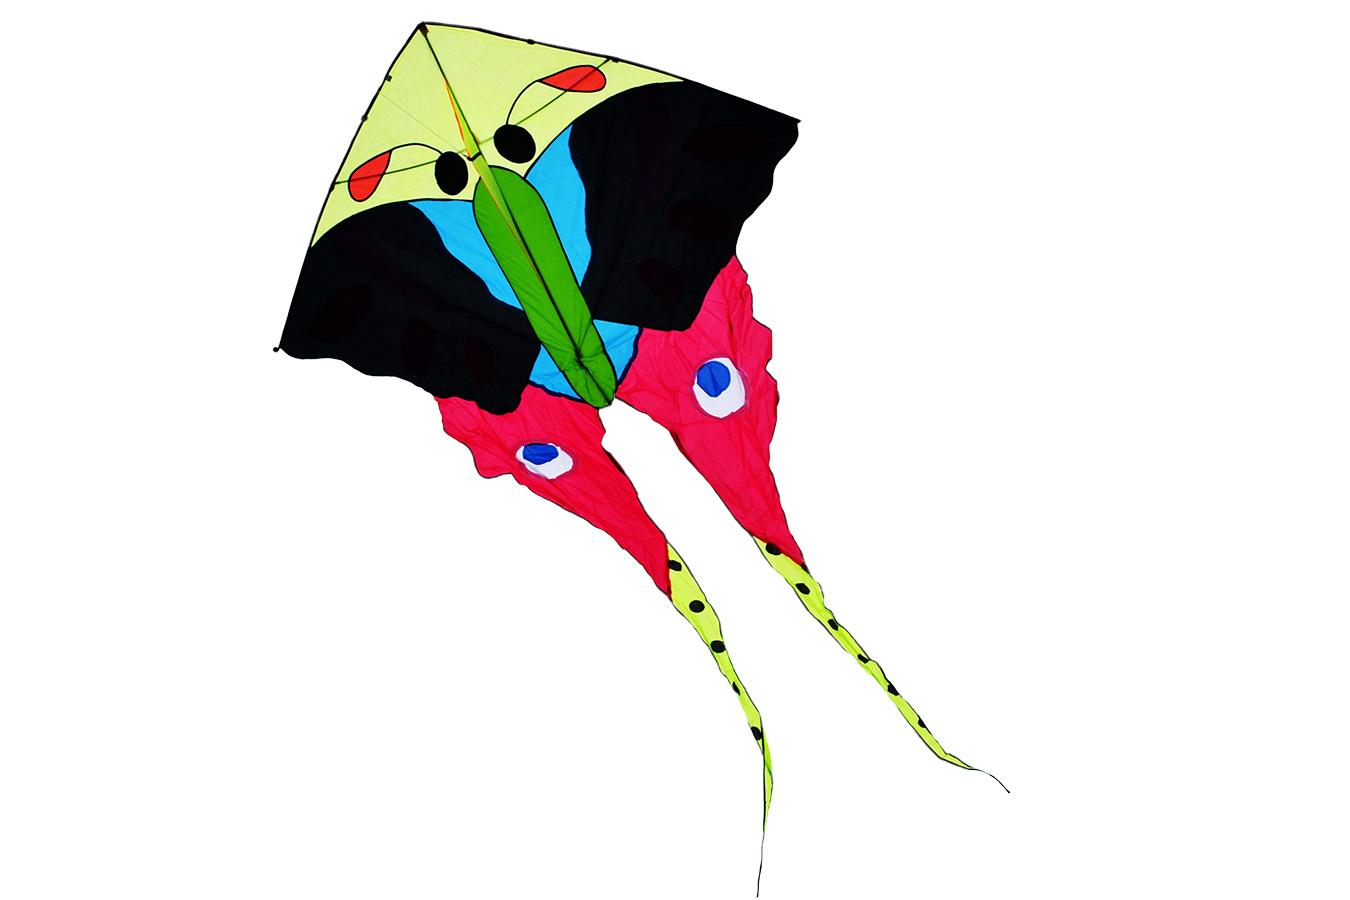 Князь, воздушный змей бабочка 3 метра [ZBTP]